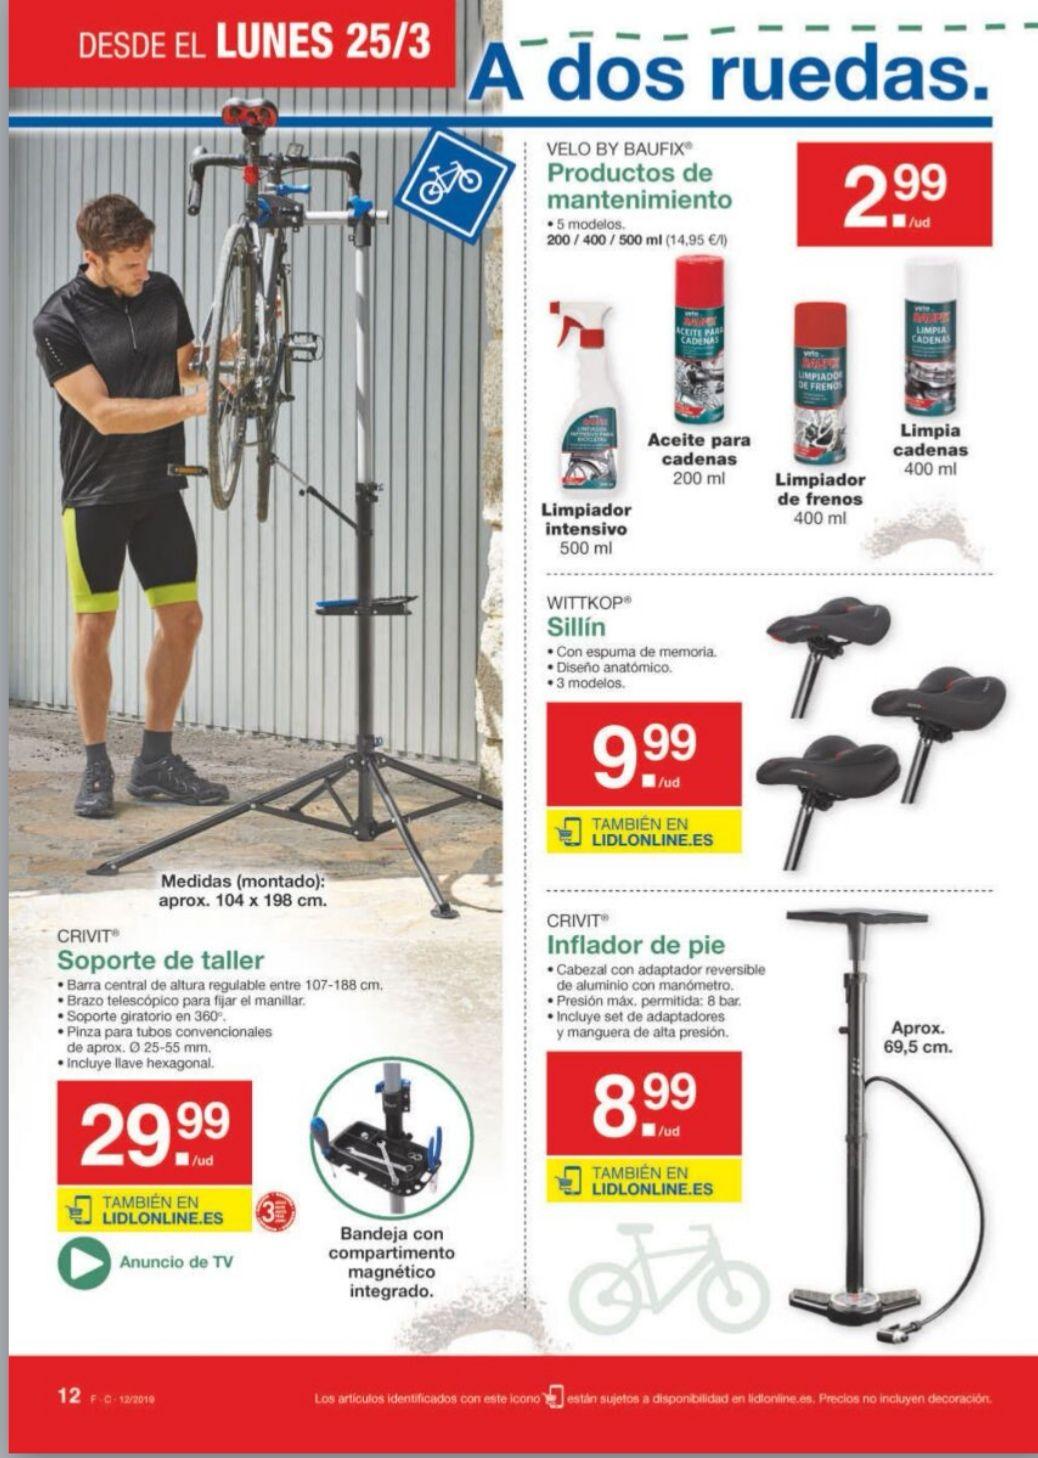 Soporte taller bicicletas y +!